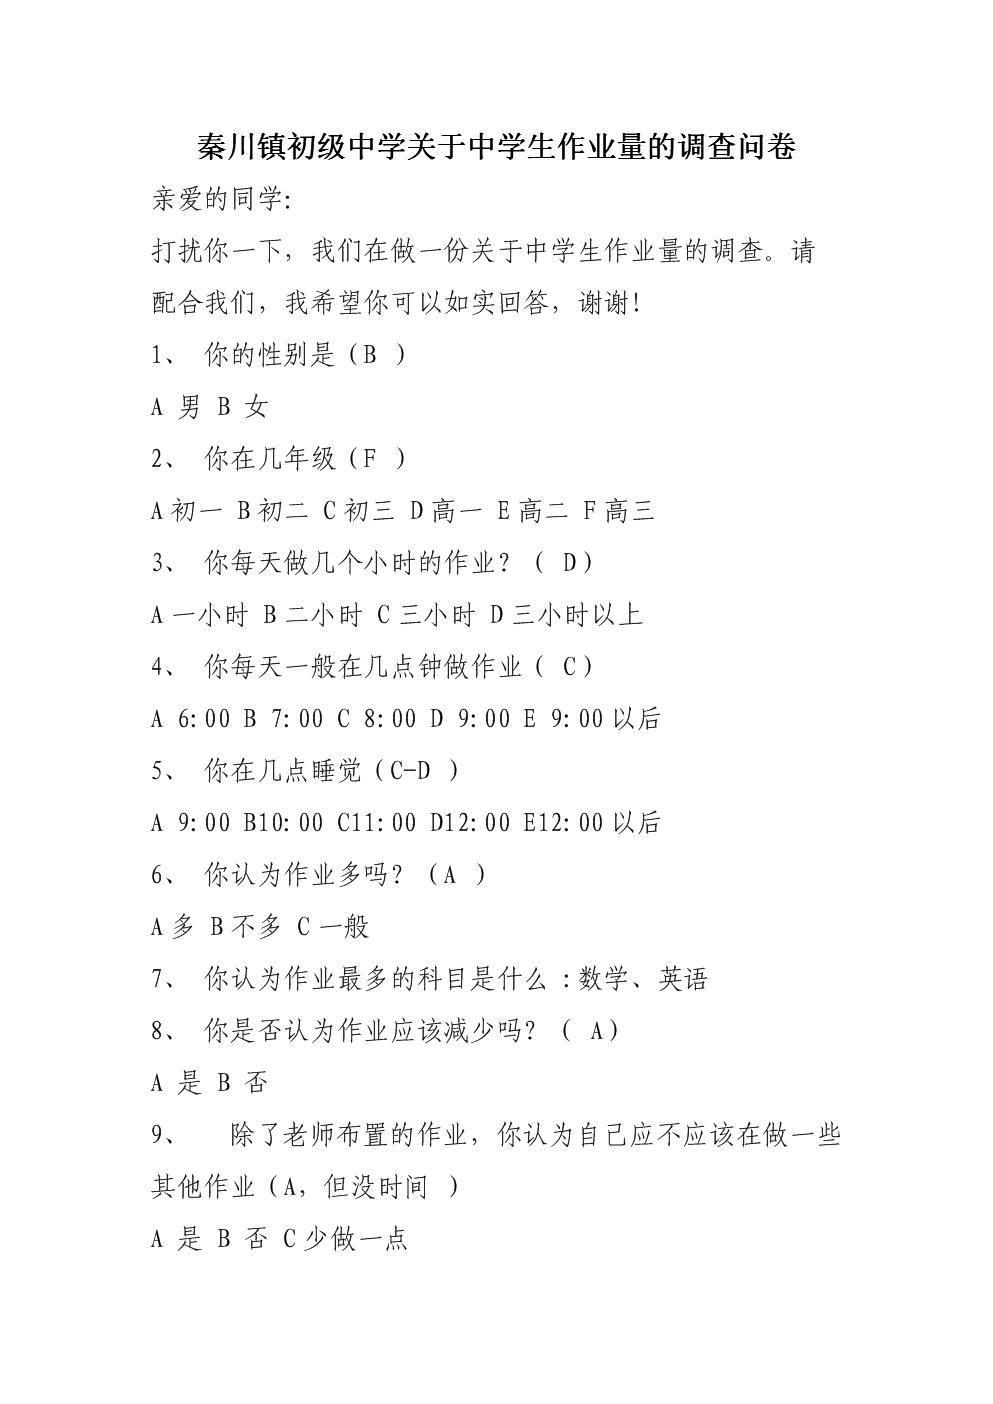 秦川镇初级中学关于中学生作业量的调查问卷.doc